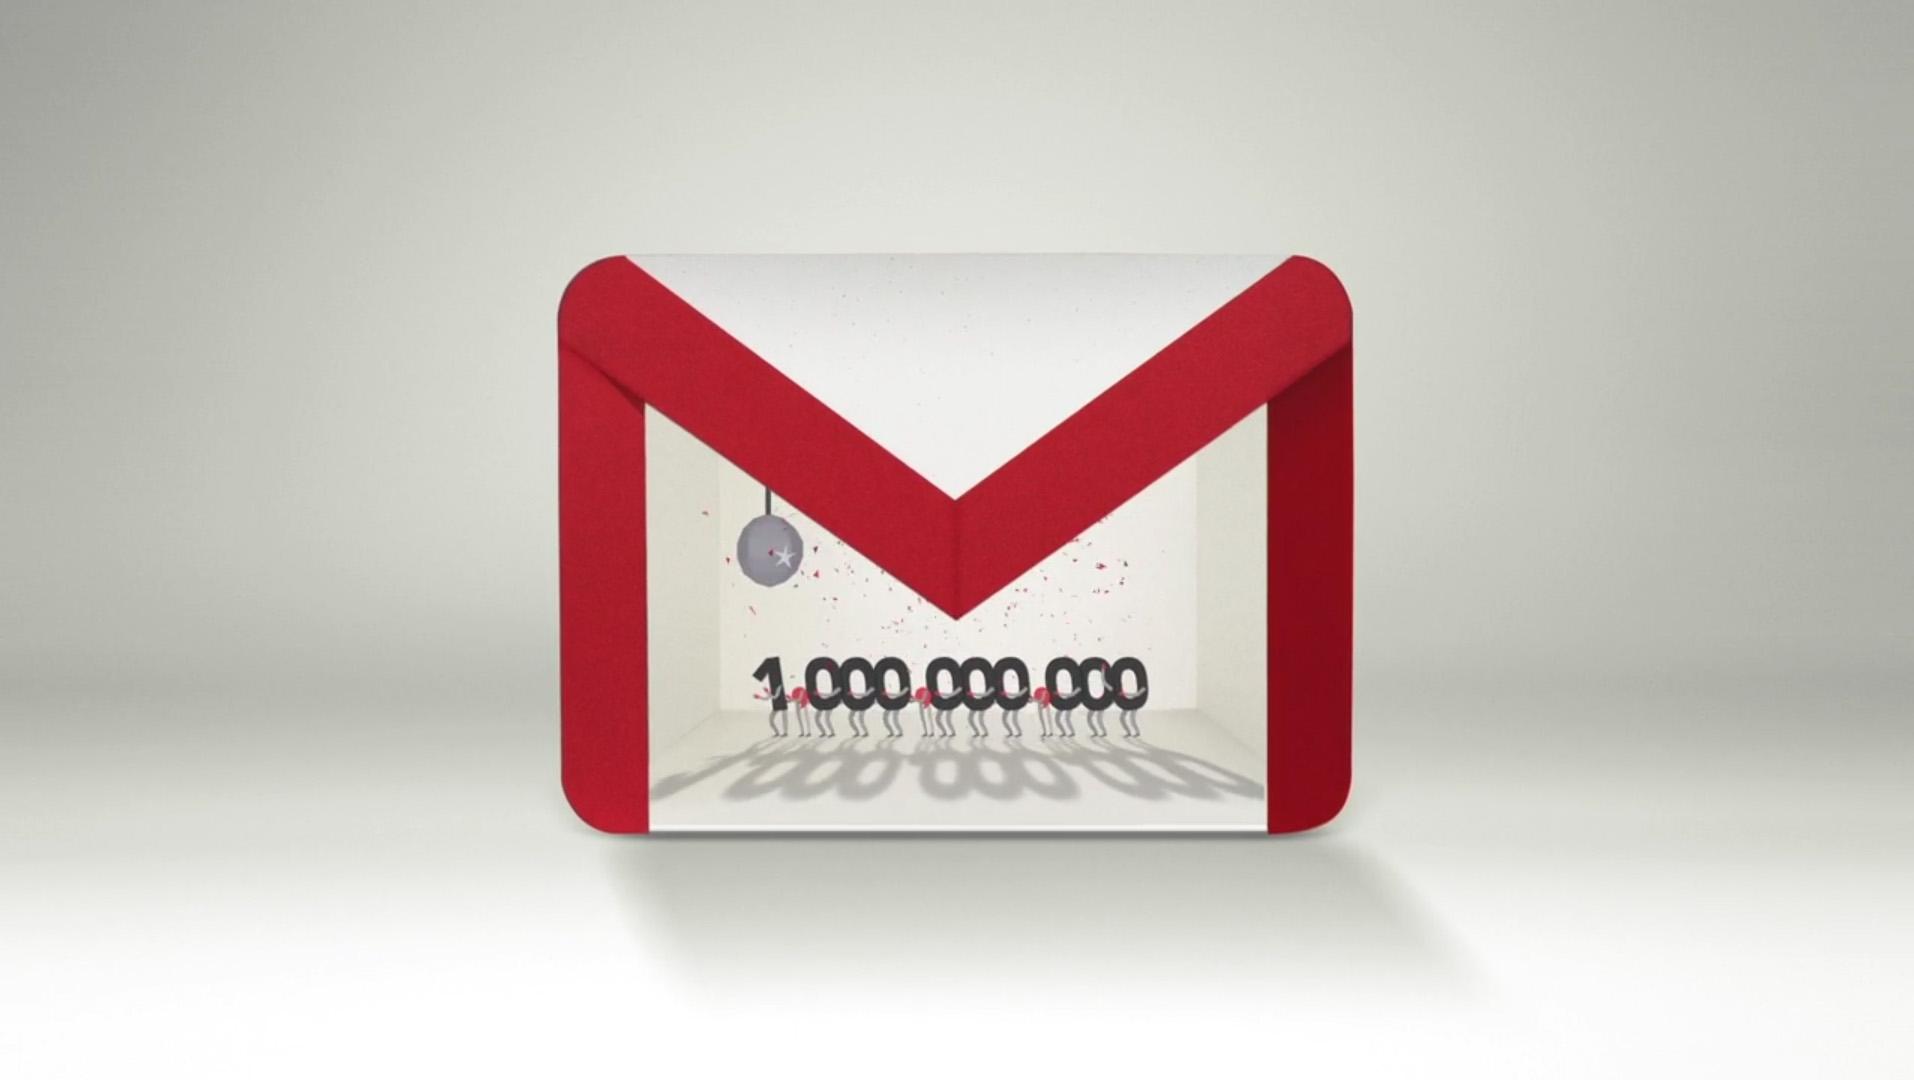 Gmail dépasse le milliard d'utilisateurs actifs